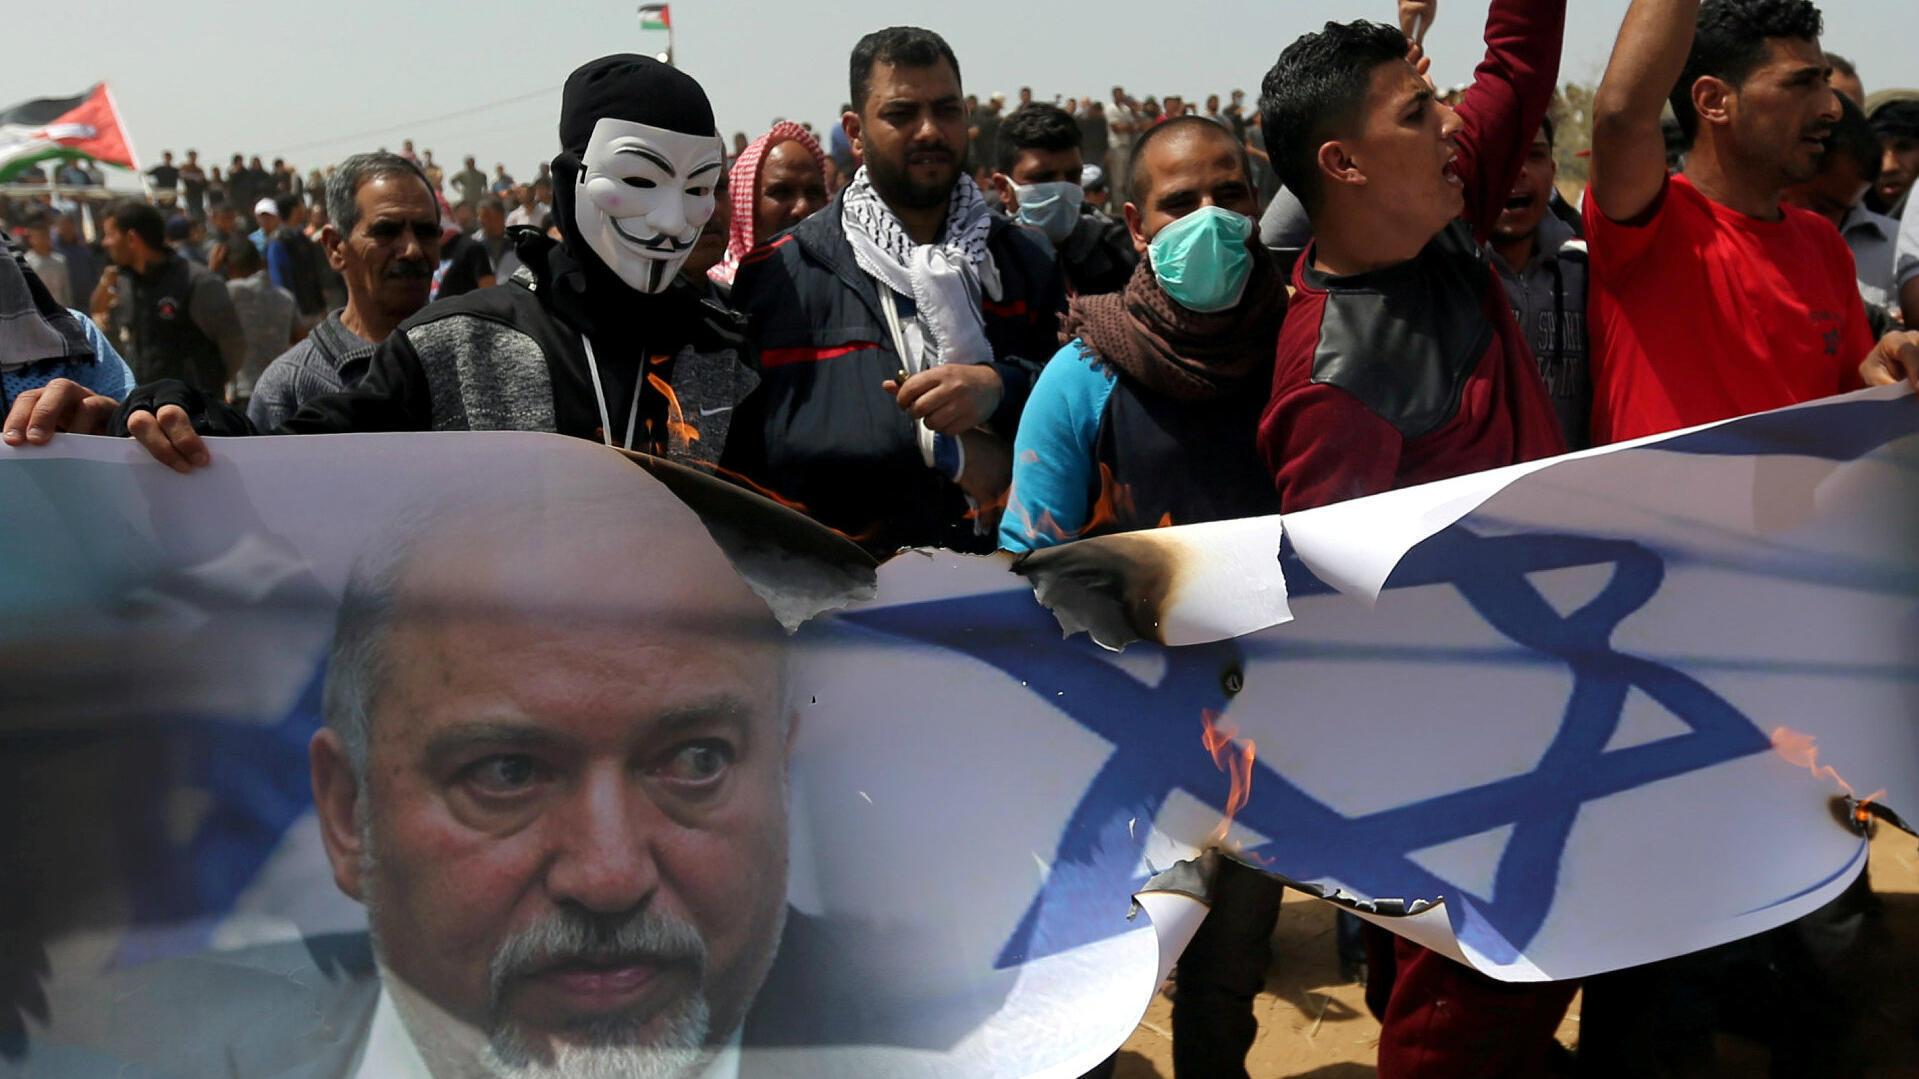 Manifestantes palestinos quemando una pancarta representando una bandera israelí con una foto del exministro de Defensa, Avigdor Lieberman, durante una protesta en el sur de la Franja de Gaza, el 13 de abril de 2018.